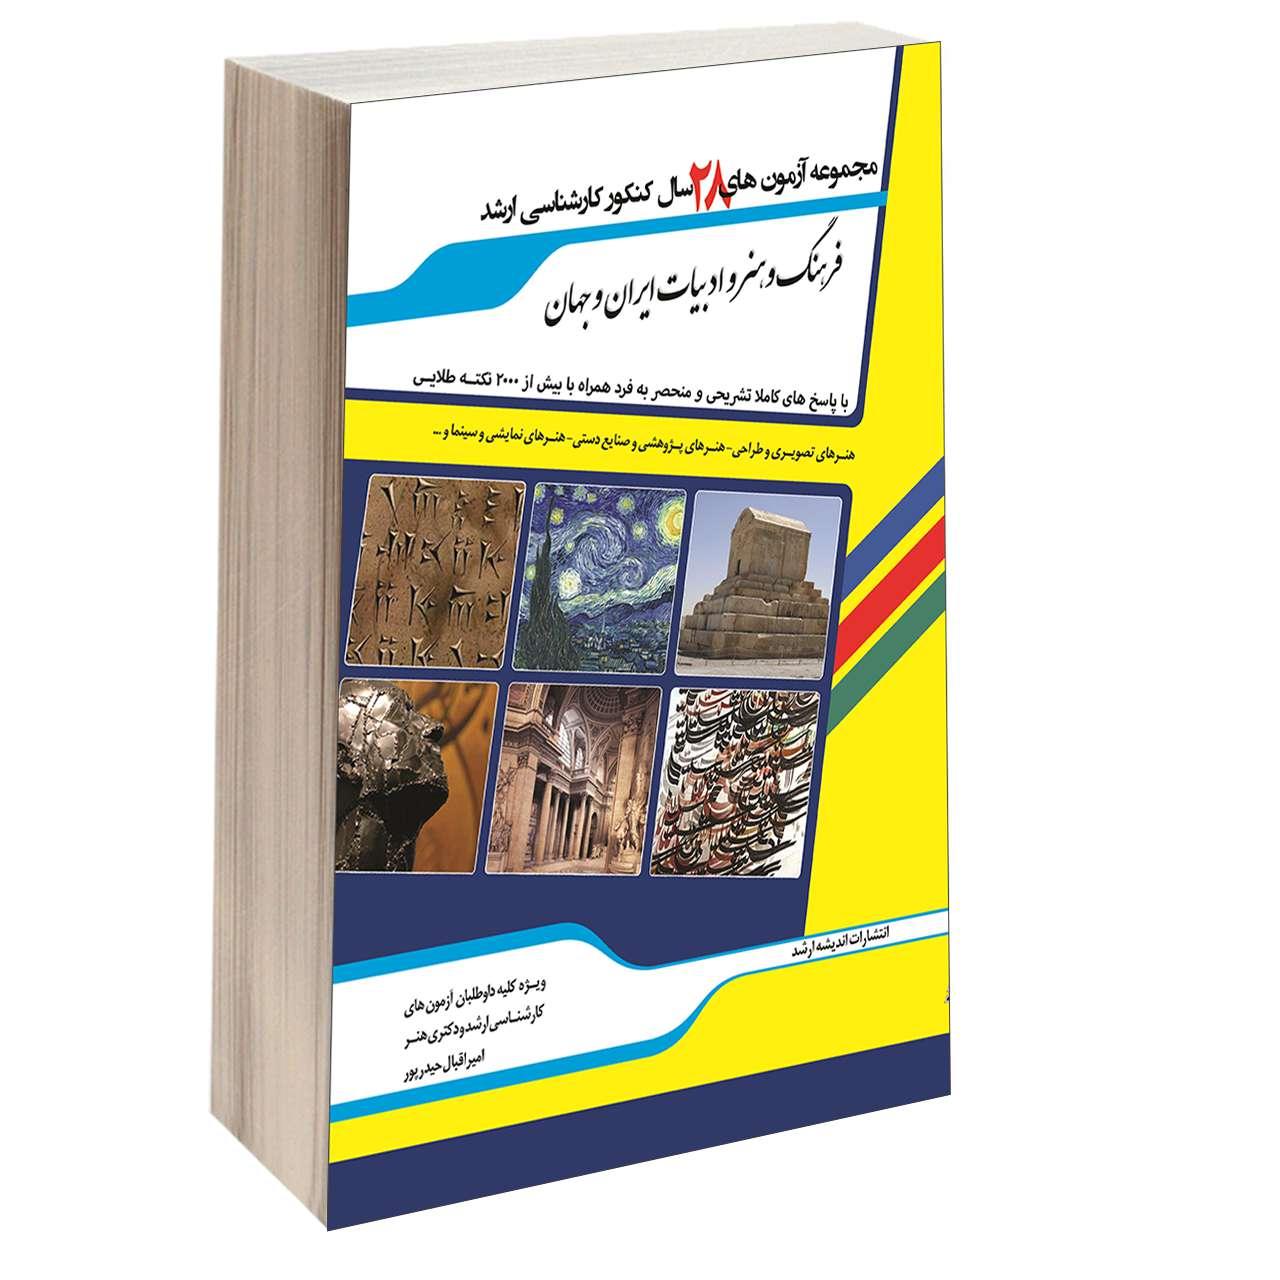 کتاب مجموعه آزمون های 28 سال کنکور کارشناسی ارشد فرهنگ و هنر و ادبیات ایران و جهان اثر امیر اقبال حیدر پور اندیشه ارشد